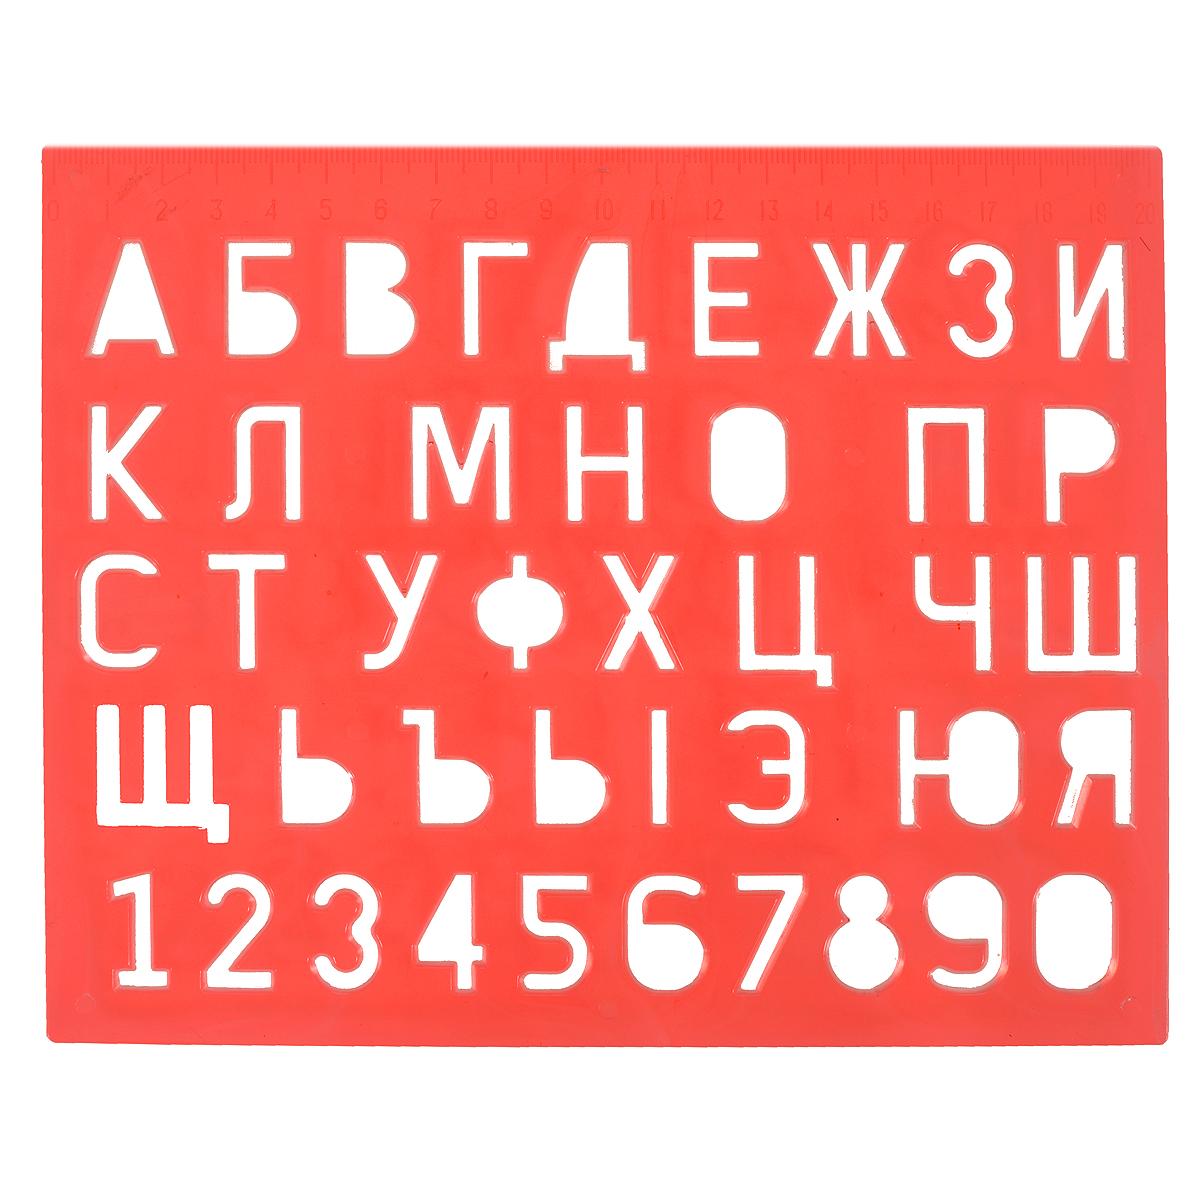 Трафарет Луч Буквы и цифры, цвет: красный12С 838-08Трафарет Буквы и цифры, изготовленный из безопасного пластика, предназначен для удобного и быстрого изображения букв, цифр и их комбинаций, а также для создания аппликаций. В трафарете вырезаны фигуры букв русского алфавита и цифр от 0 до 9. На одной стороне трафарета линейка 20 см. Трафарет полезен тем, что позволяет ребенку выучить все буквы алфавита и цифры, одновременно развивая мелкую моторику, а также может применяться для оформительских работ.